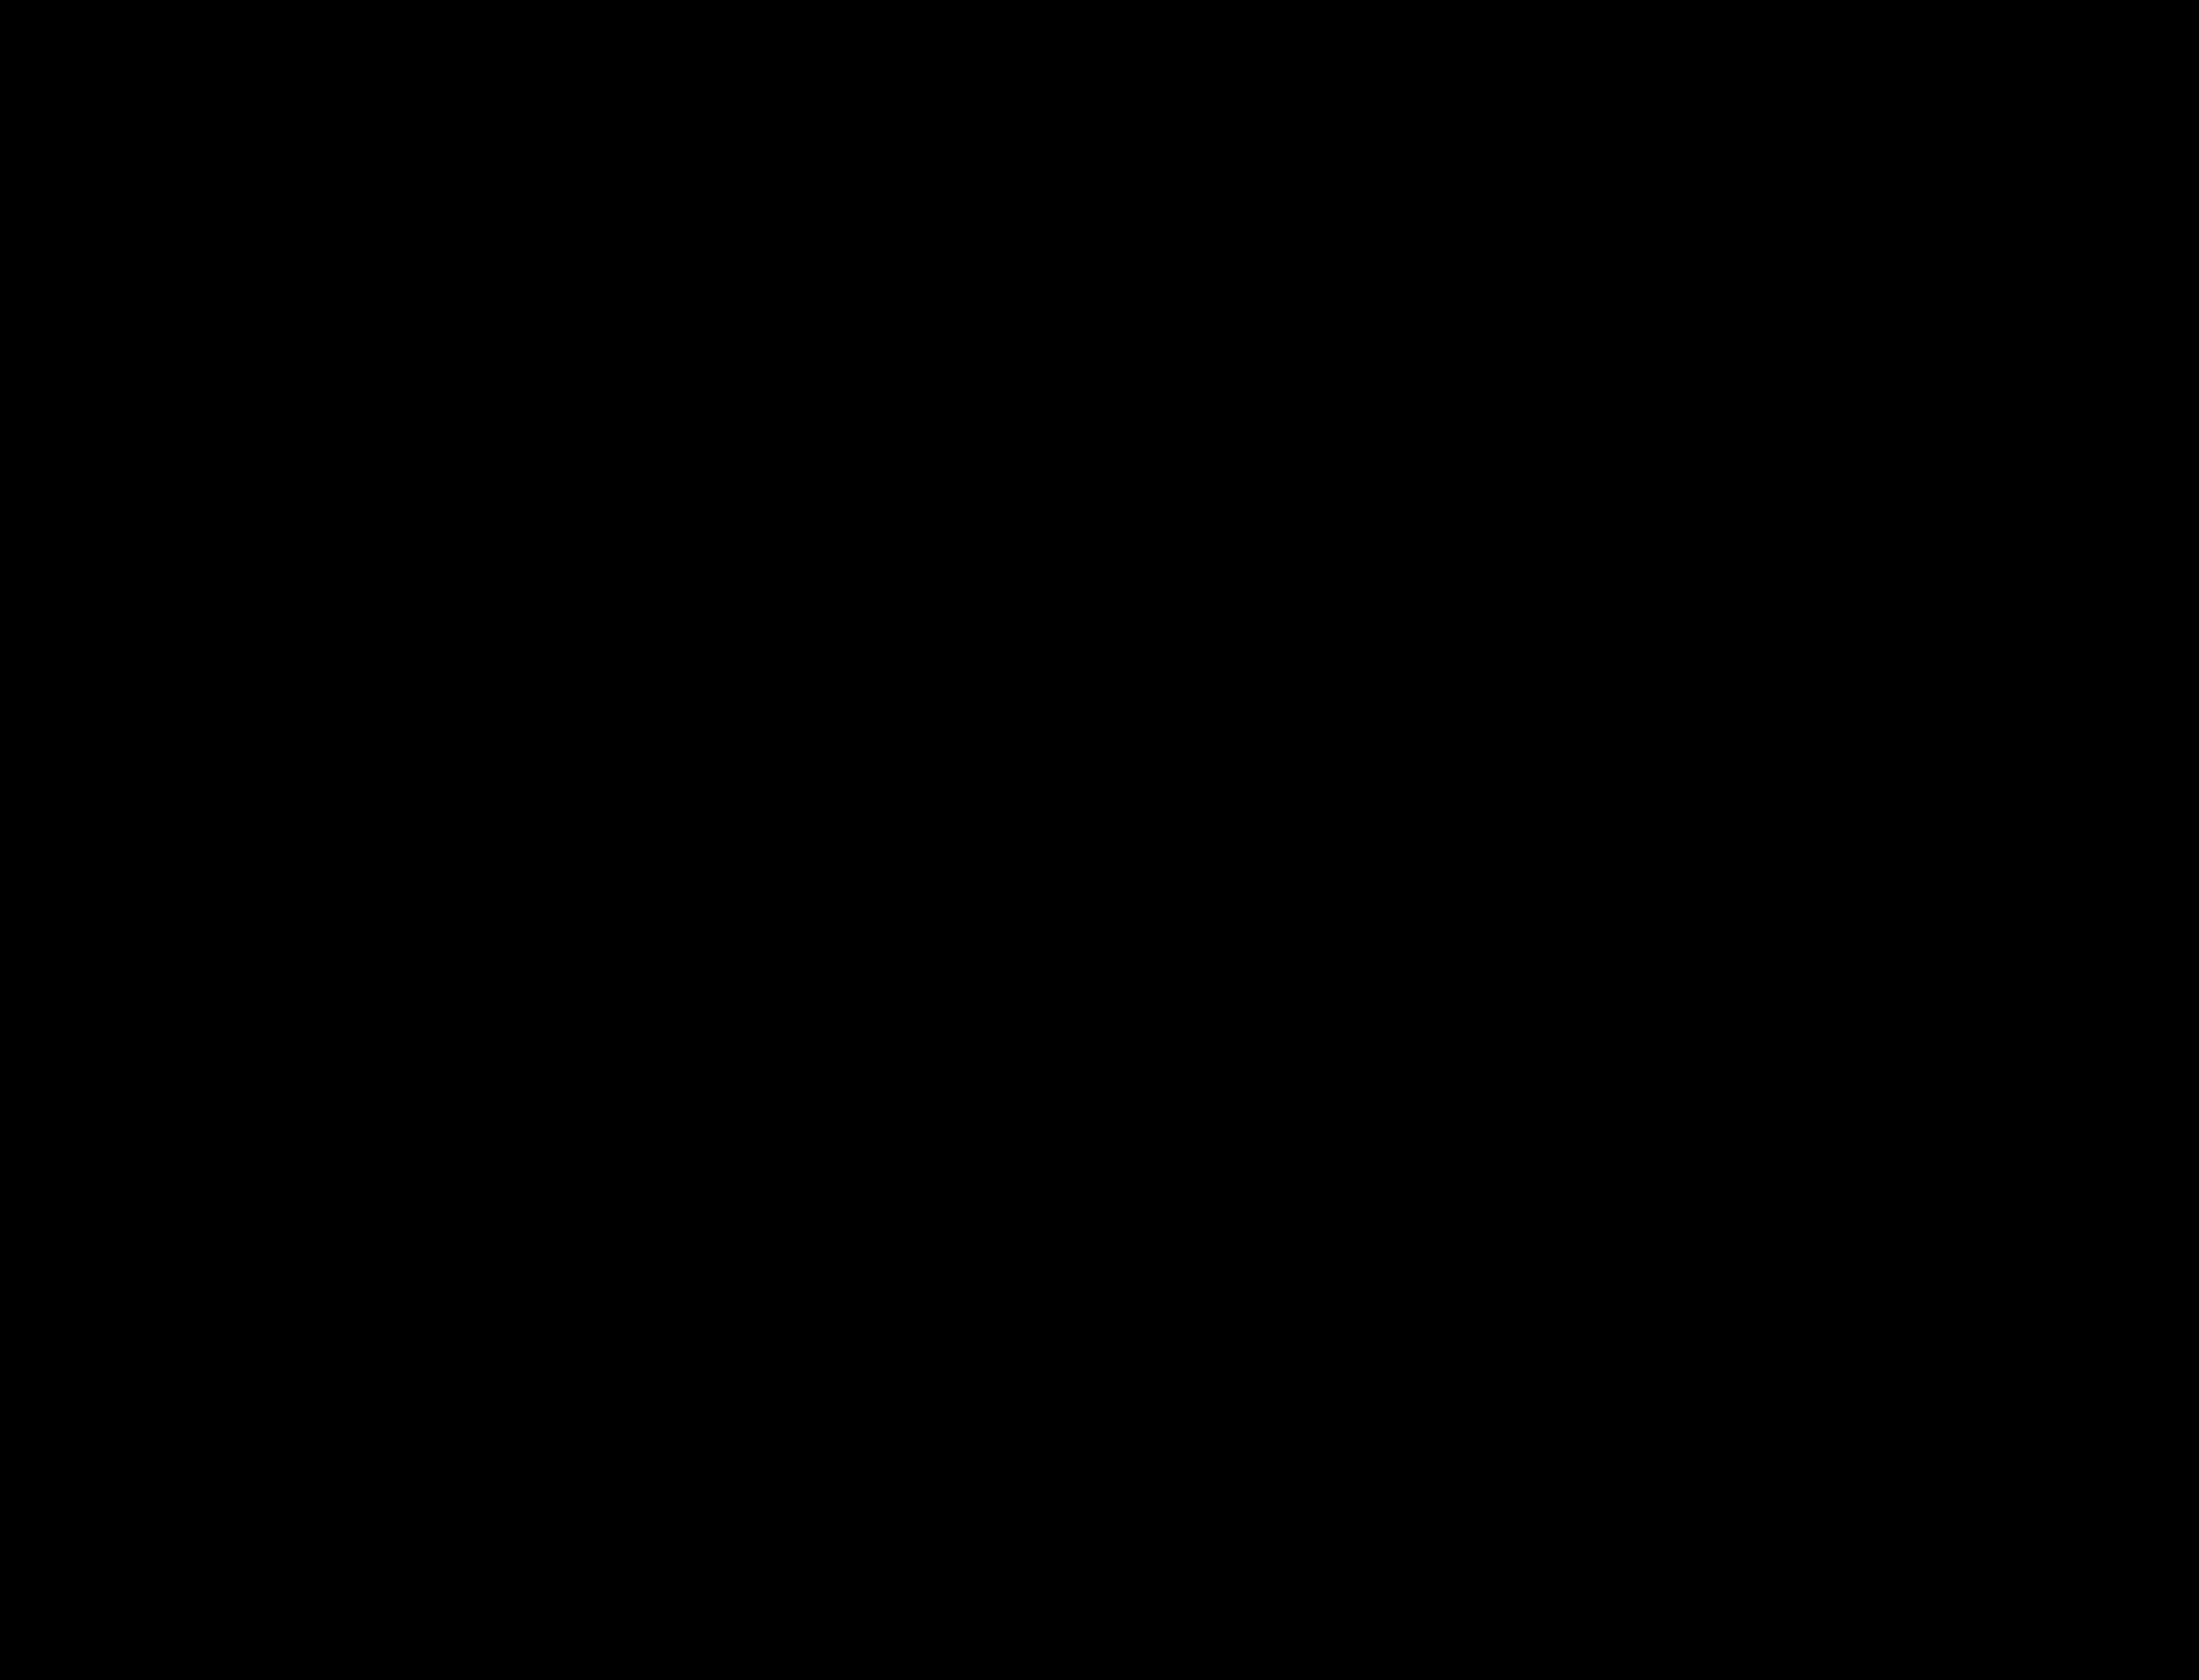 Diagramm zur Diagnose von Sepsis und septischem Schock